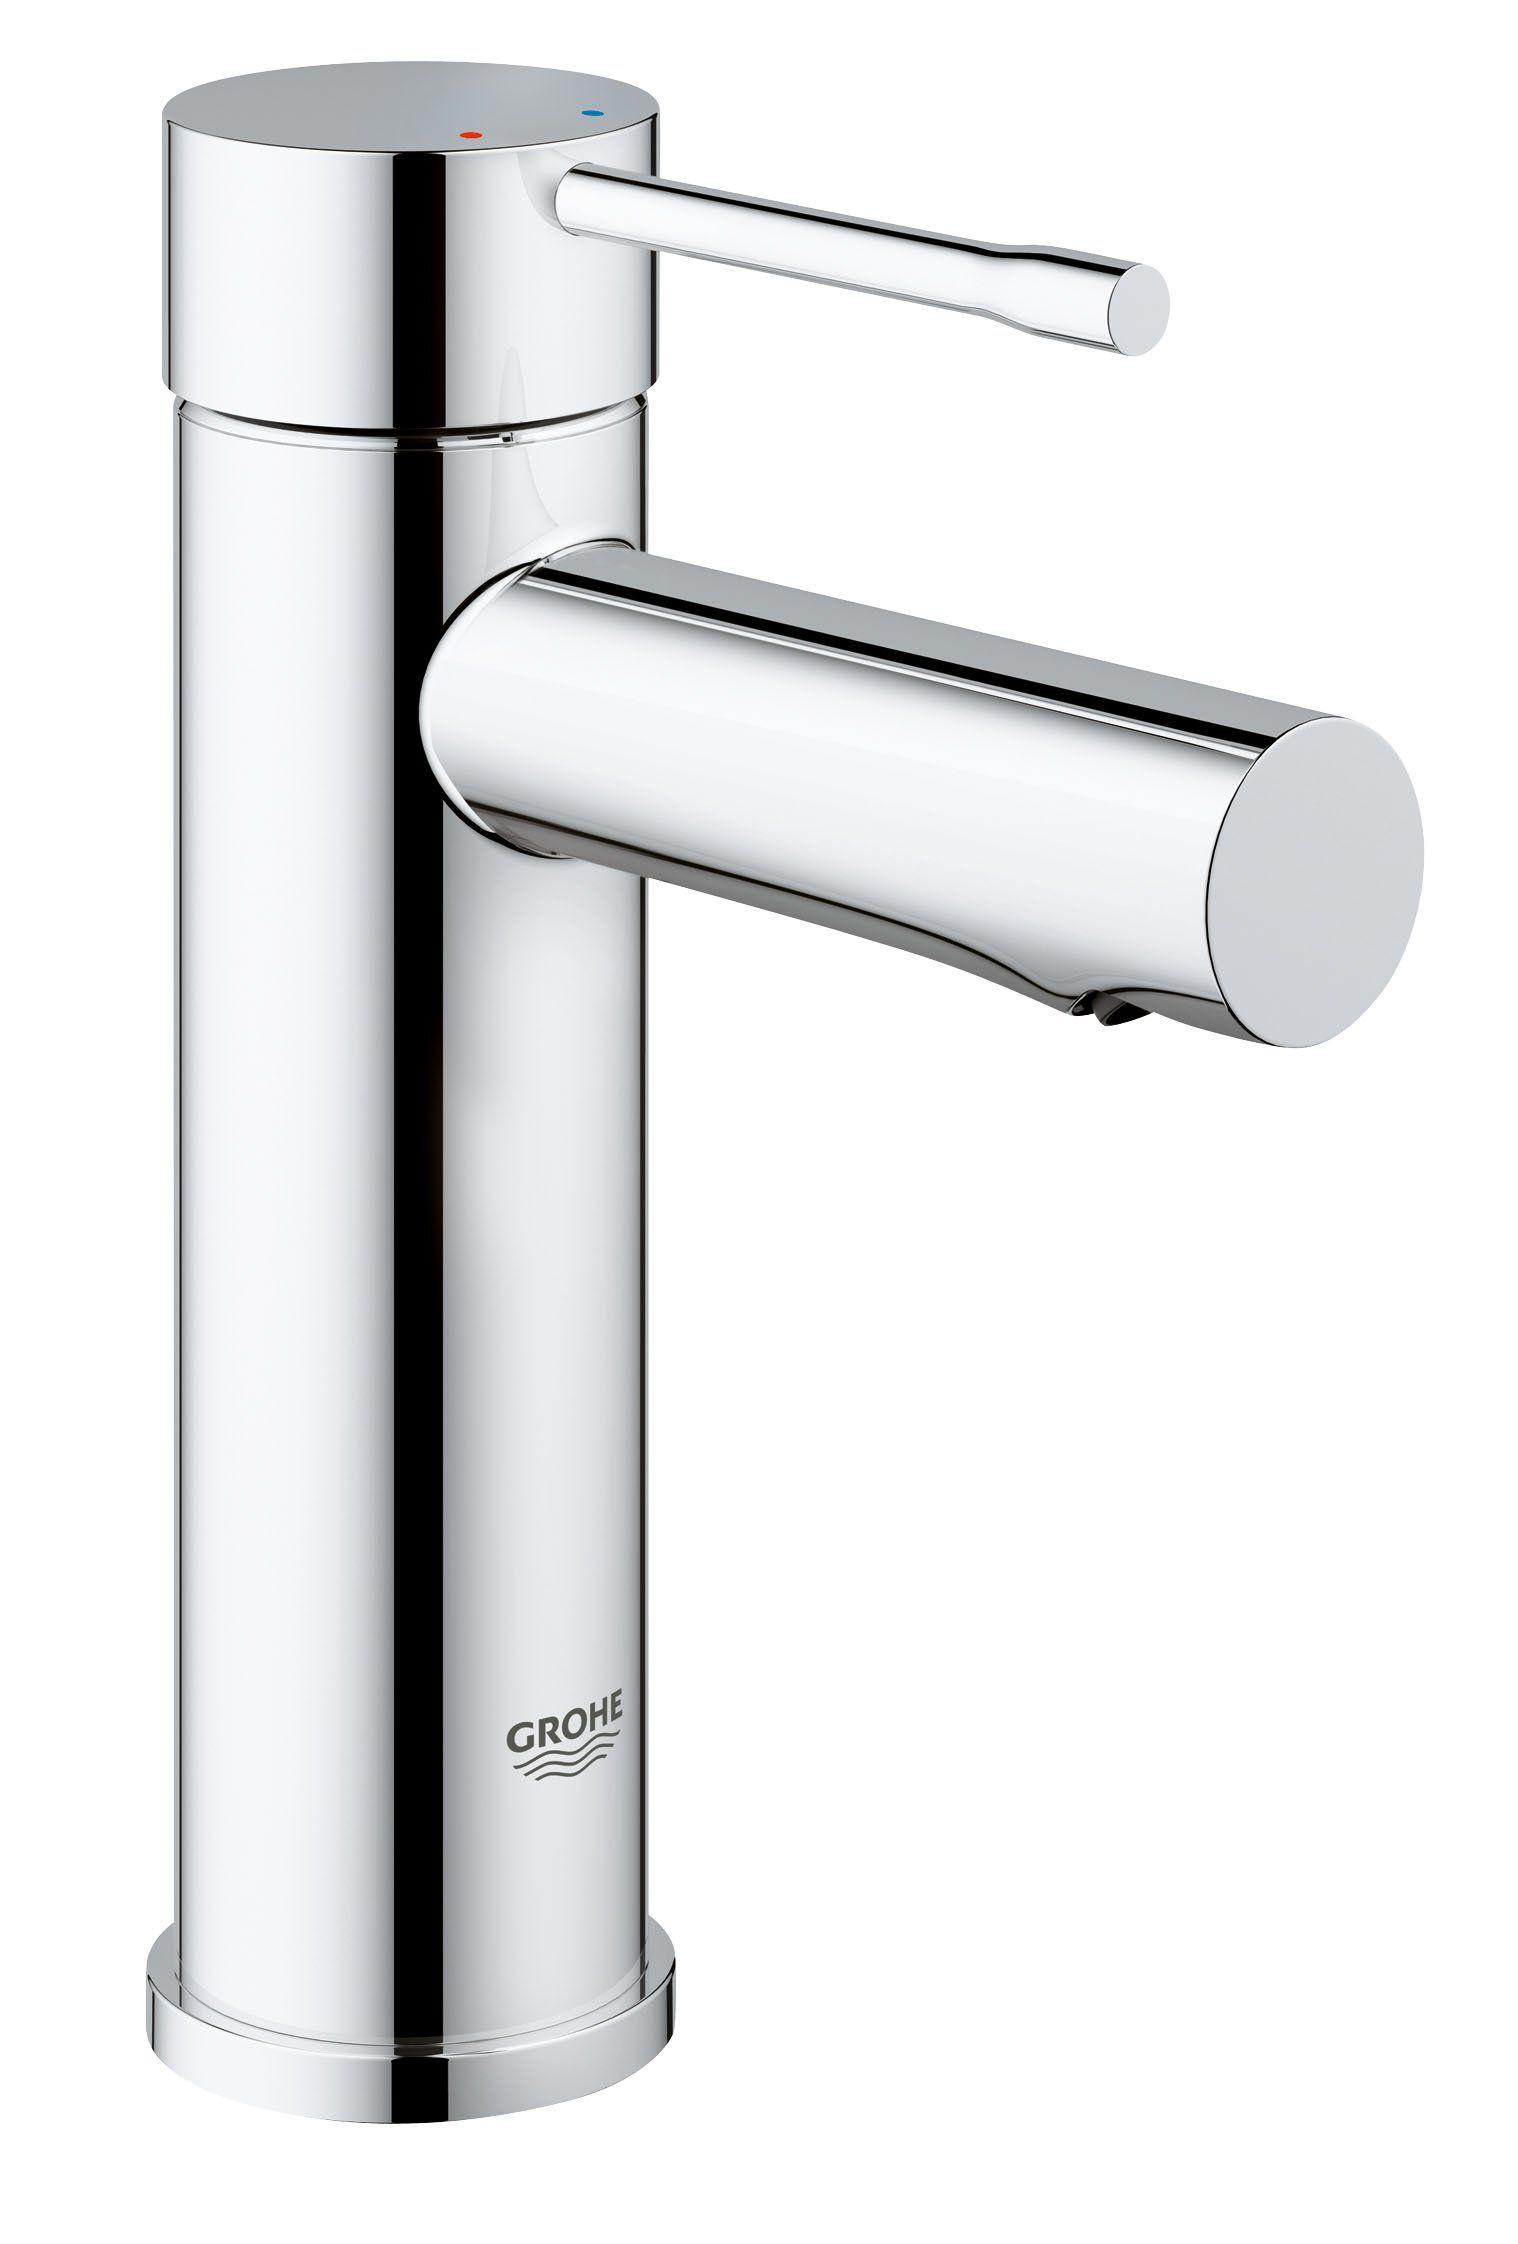 Grohe Essence Waschtischarmatur Glatter Korper Standard Auslauf 34294001 Amazon De Baumarkt Badezimmerarmatur Ablaufgarnitur Waschtischarmatur